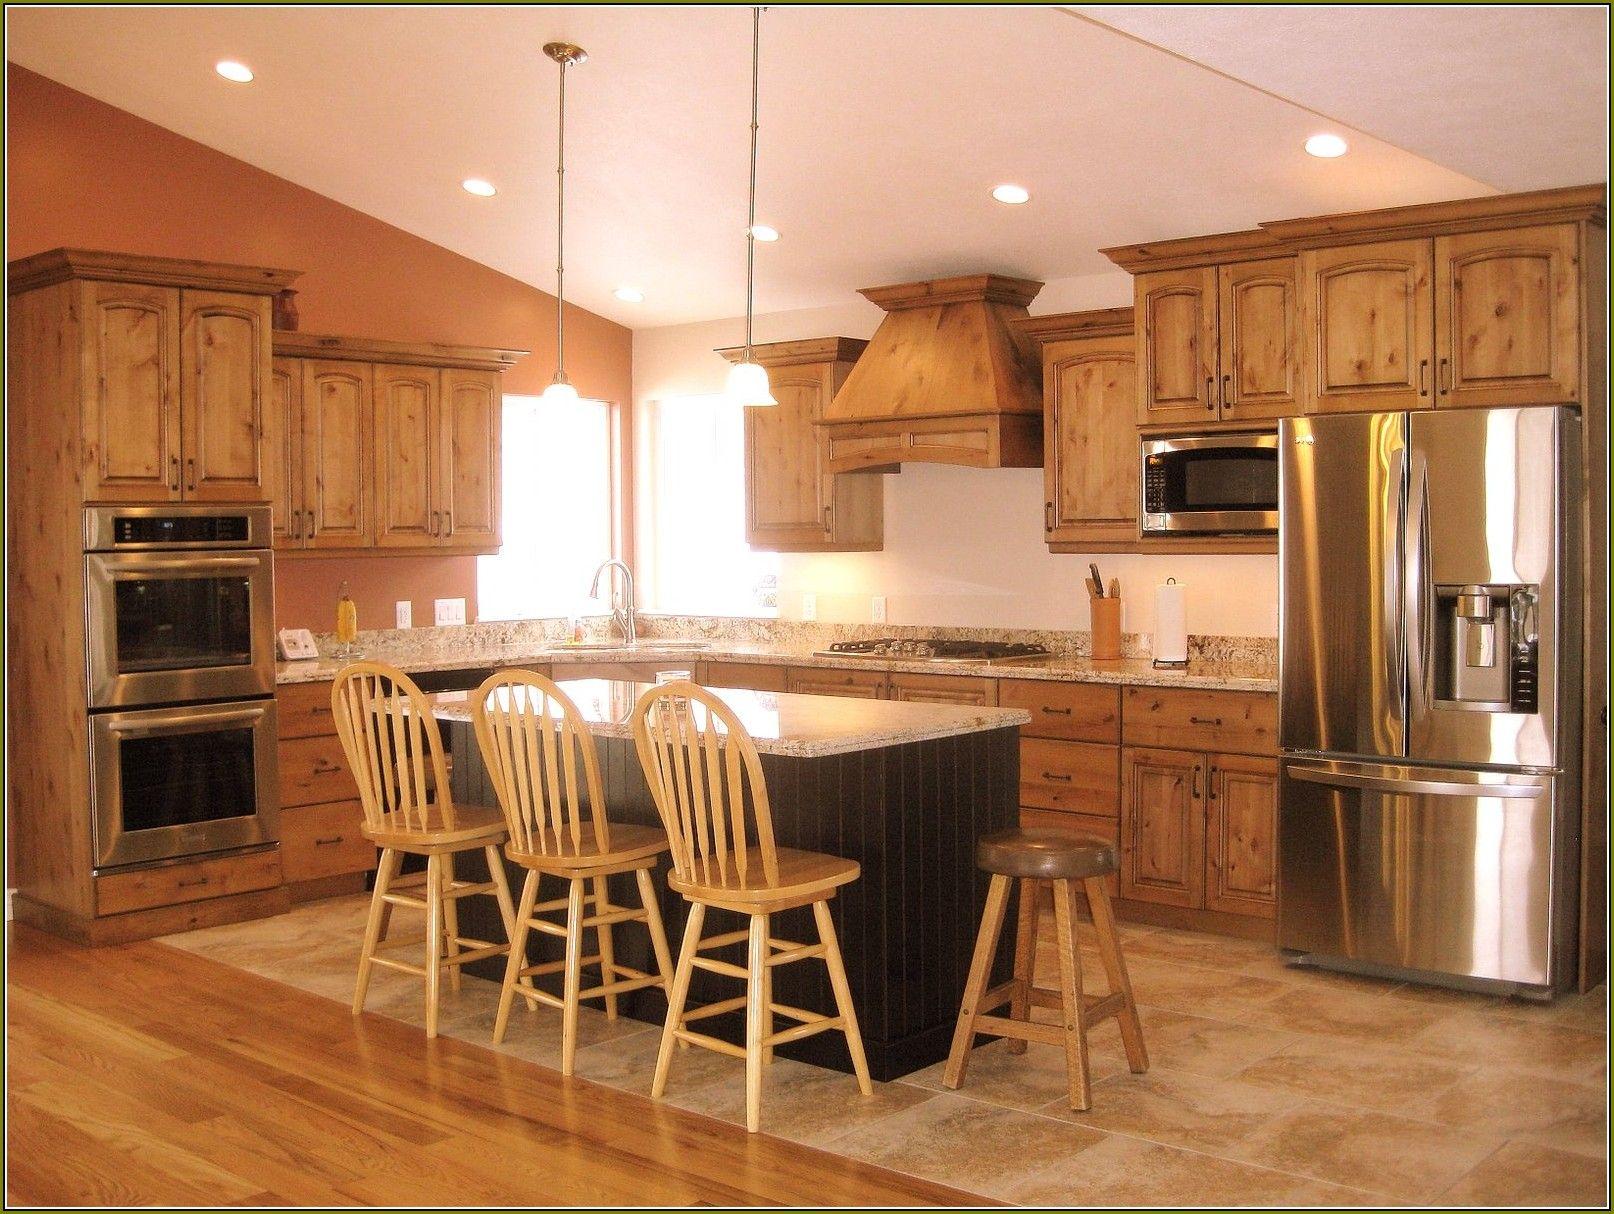 Knotty Alder Kitchen Cabinets   Home Design Ideas   Alder ...